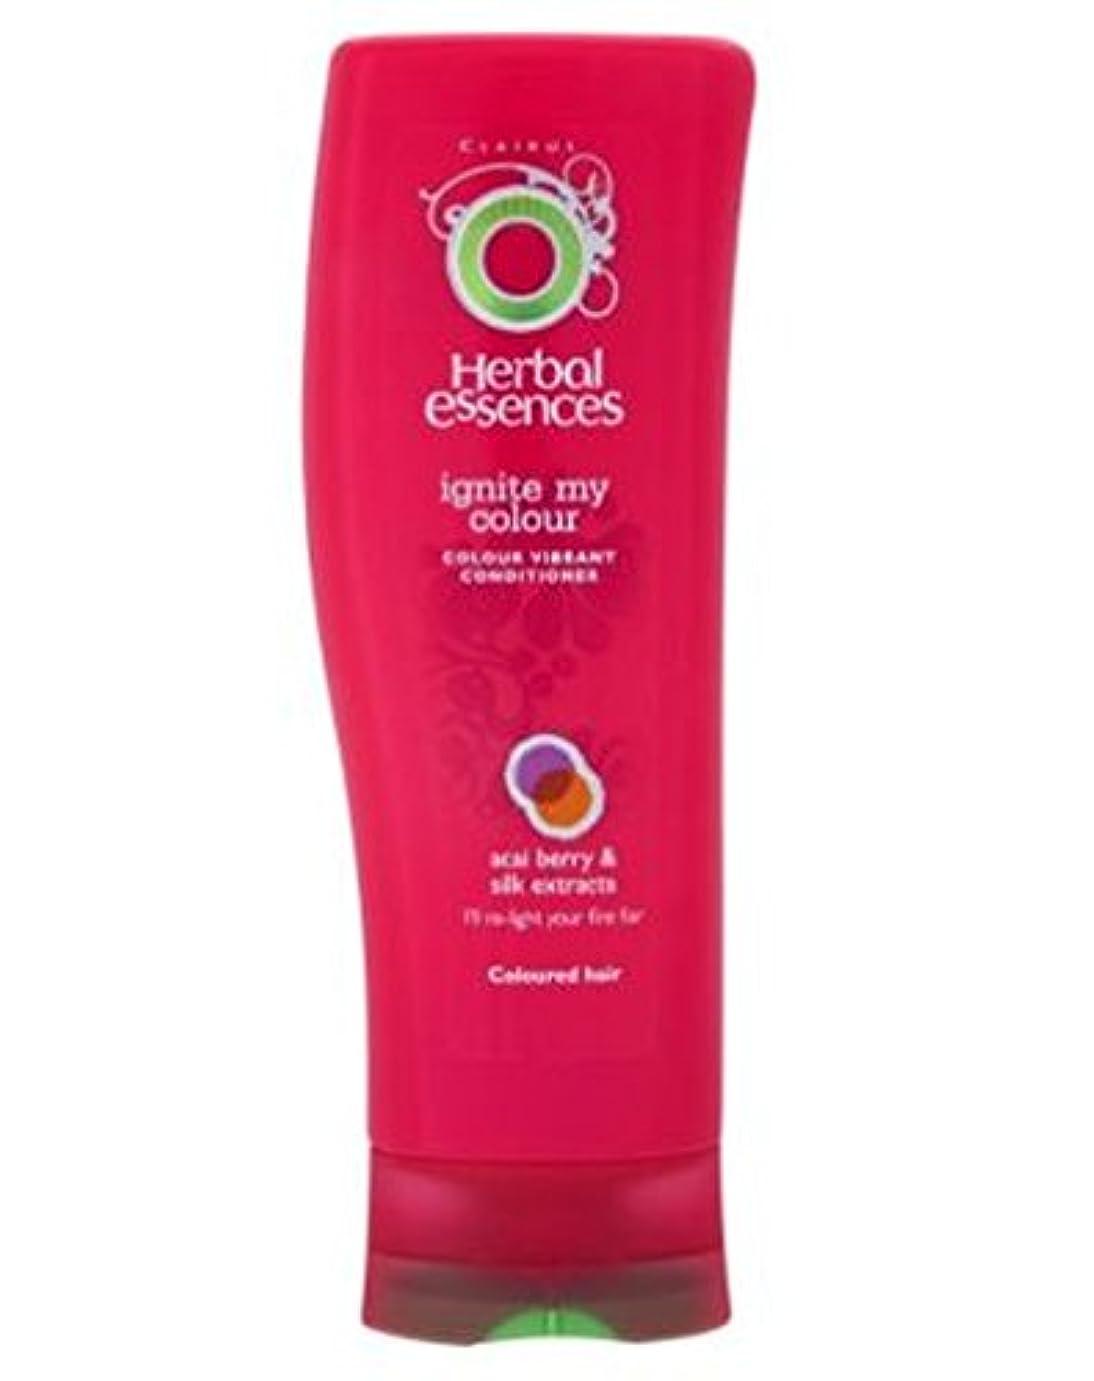 収入戦士一月Herbal Essences Conditioner Ignite My Colour 400ml - ハーブエッセンスは、私の色の400ミリリットルを点火コンディショナー (Herbal Essences) [並行輸入品]